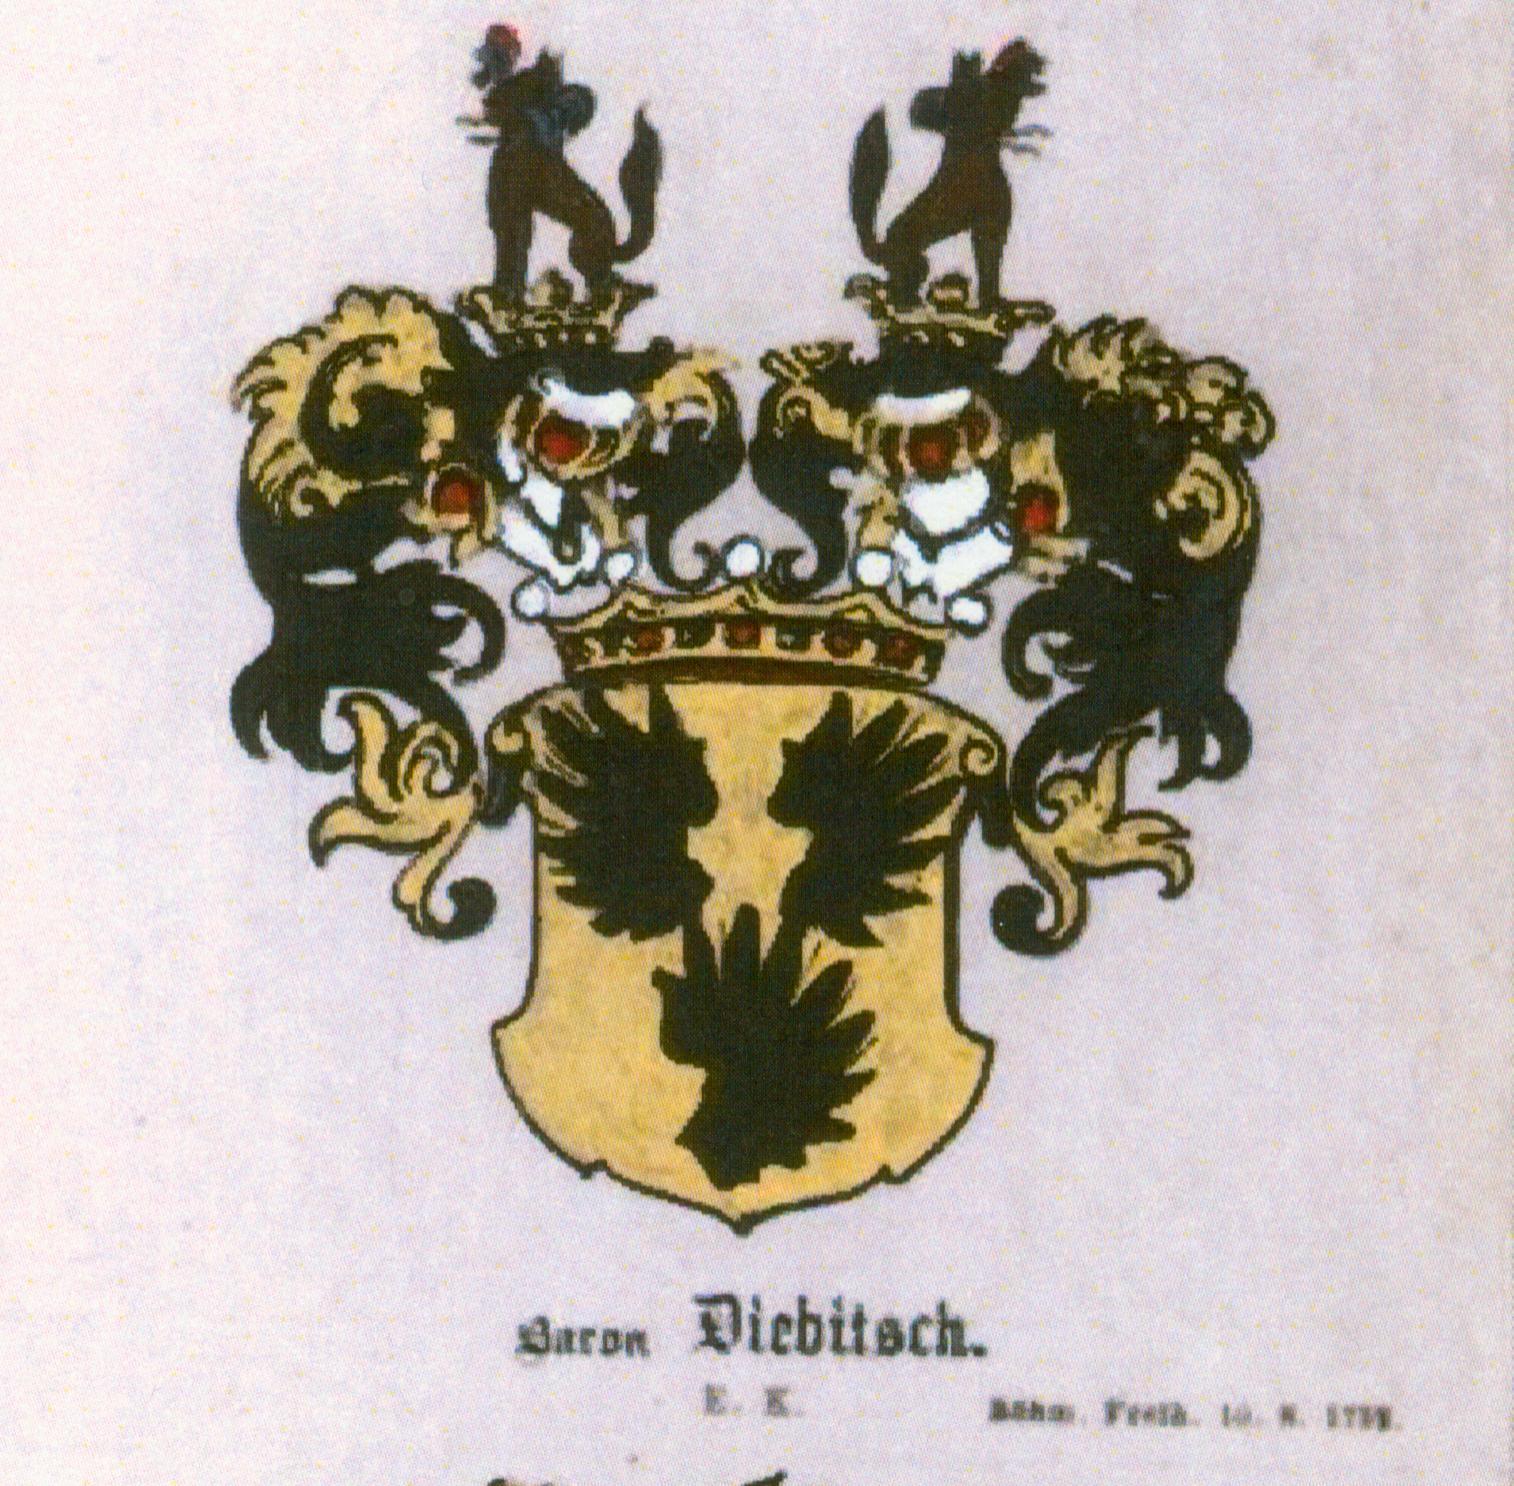 Diebitsch (5)